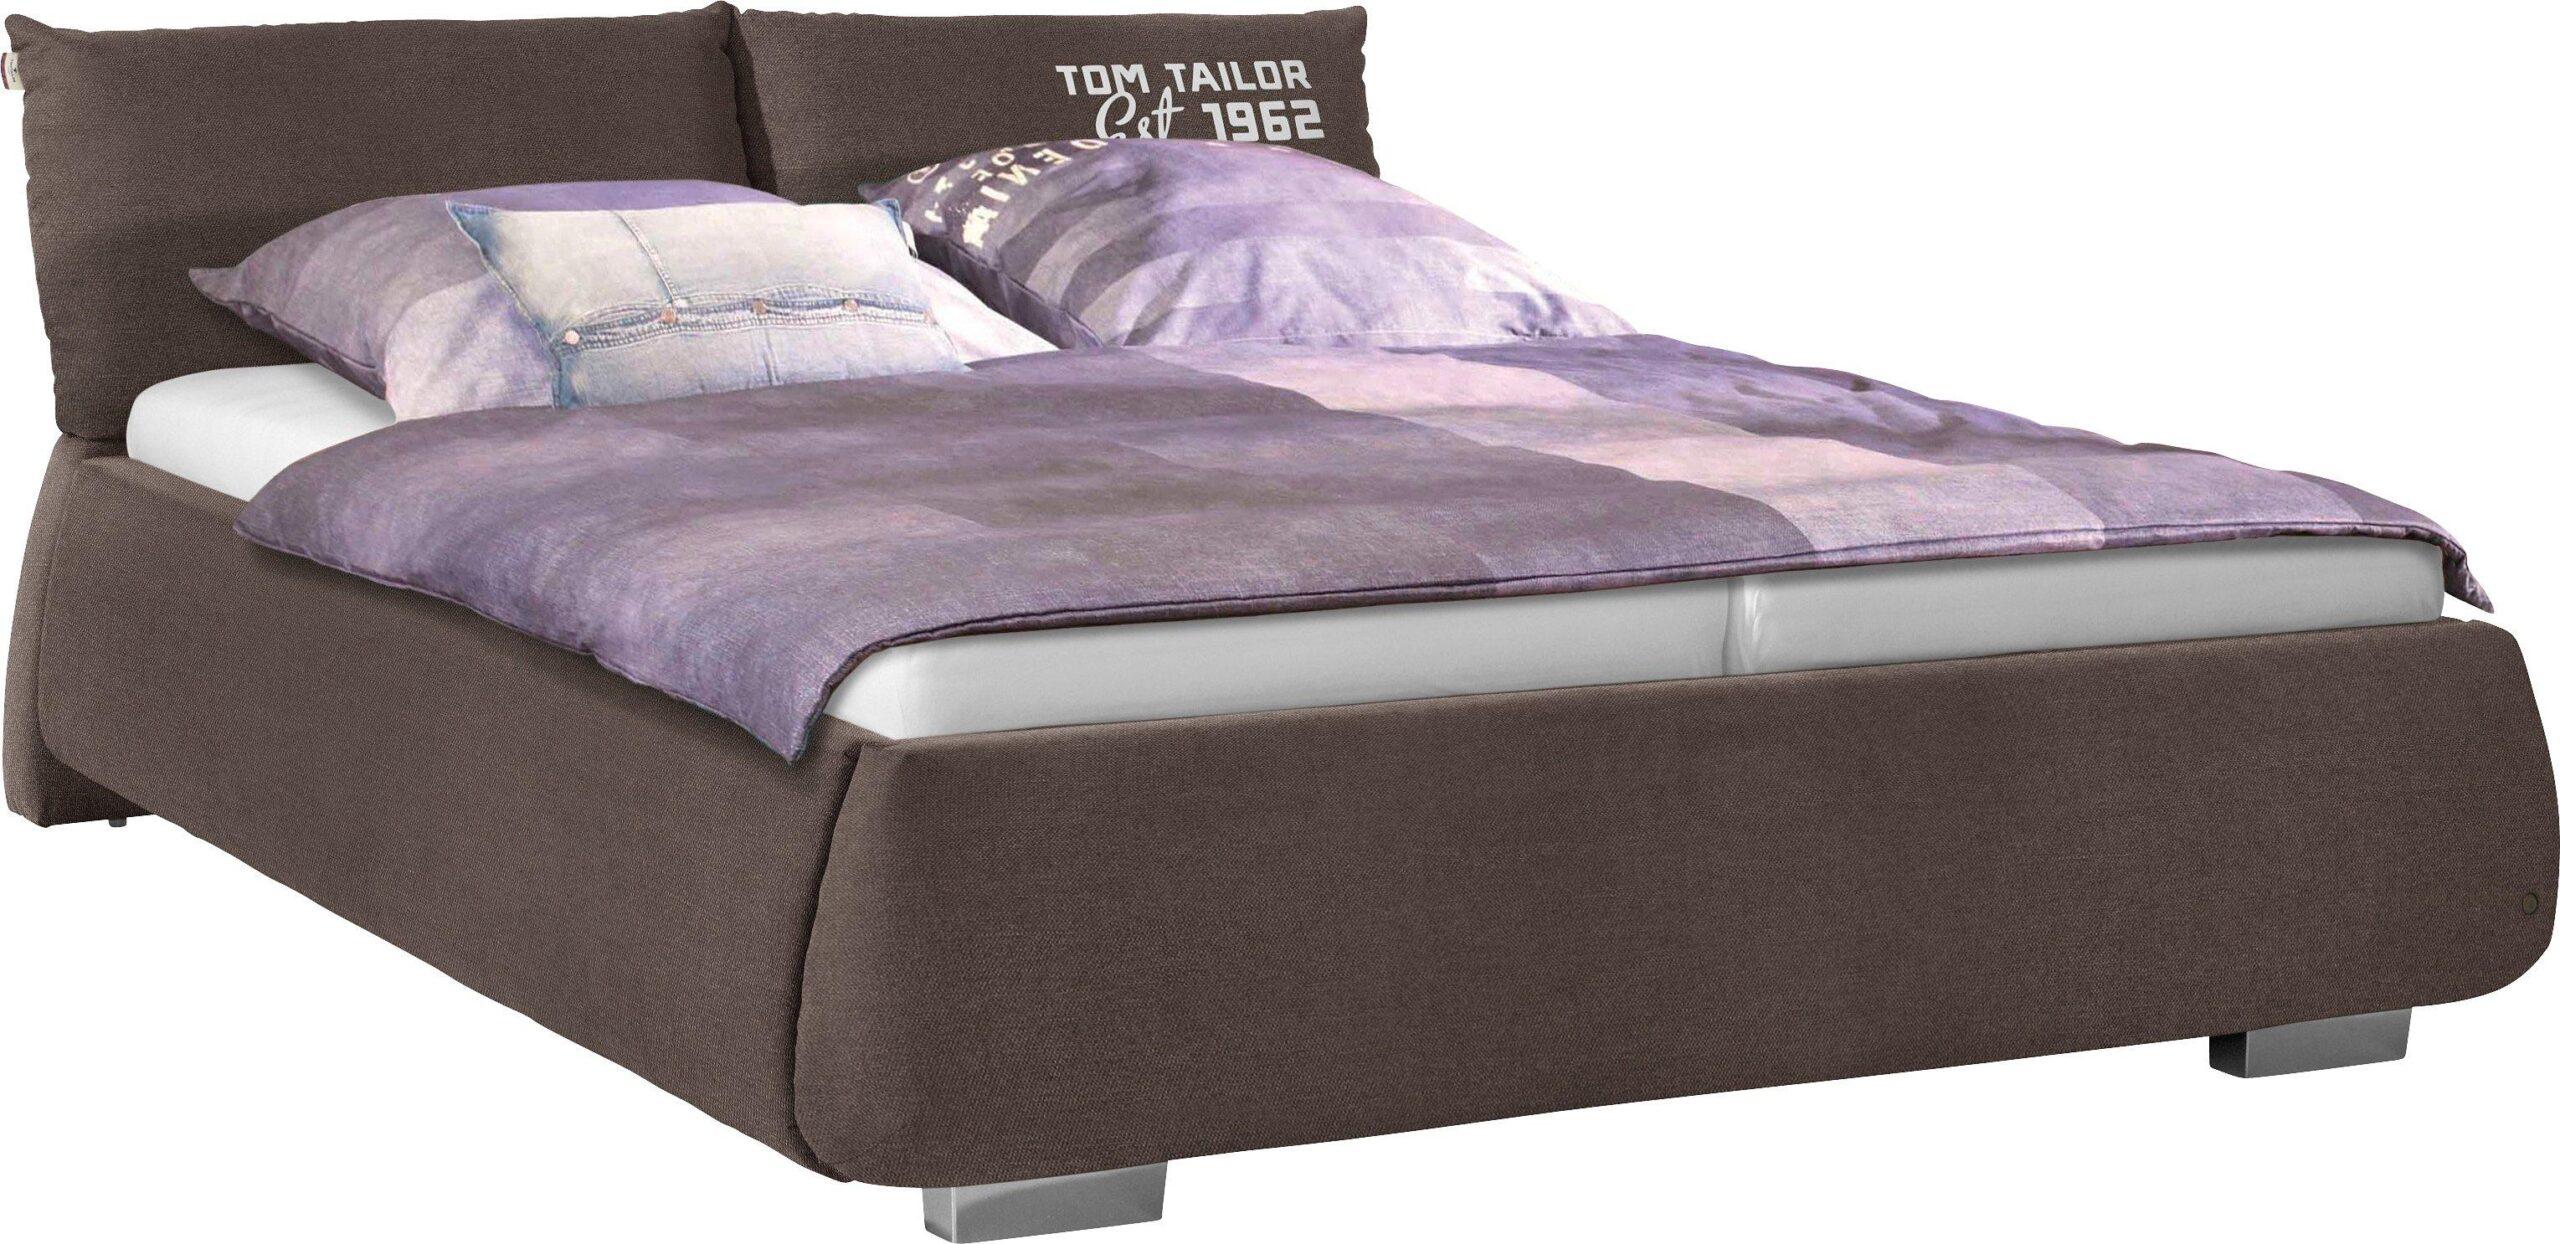 Full Size of Polsterbett 200x220 Tom Tailor Soft Pillow Auf Rechnung Bestellen Baur Betten Bett Wohnzimmer Polsterbett 200x220